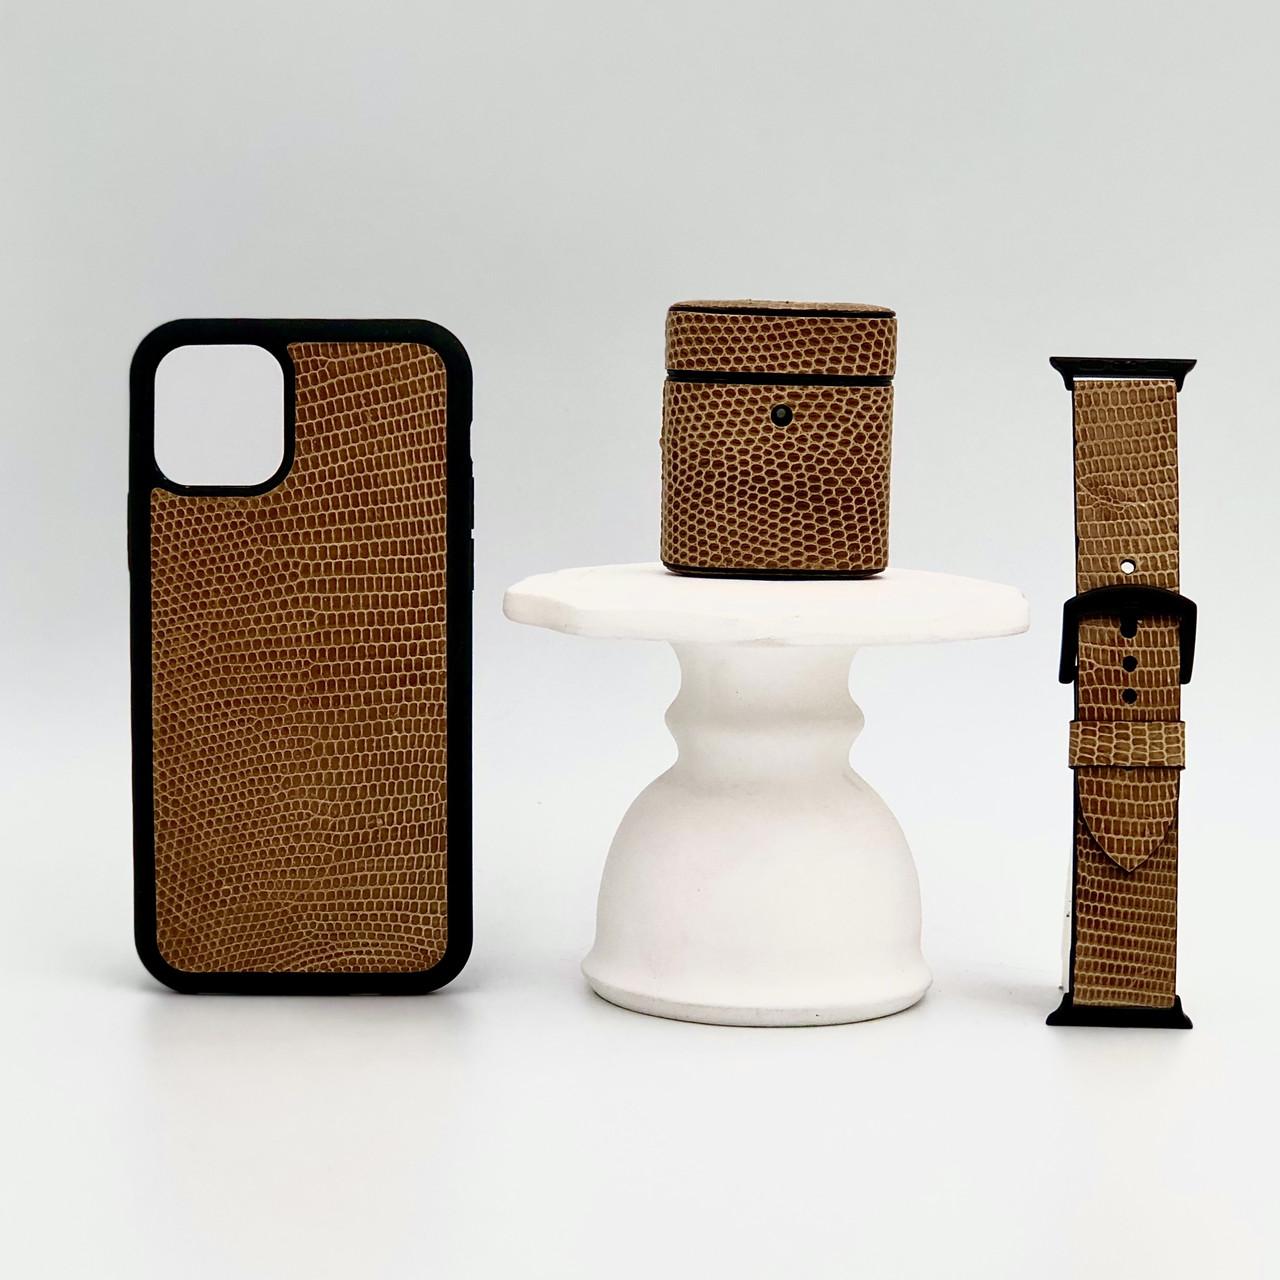 Набор из чехла для iPhone, чехла для AirPods и ремешка для Apple Watch желтого цвета из кожи Игуаны